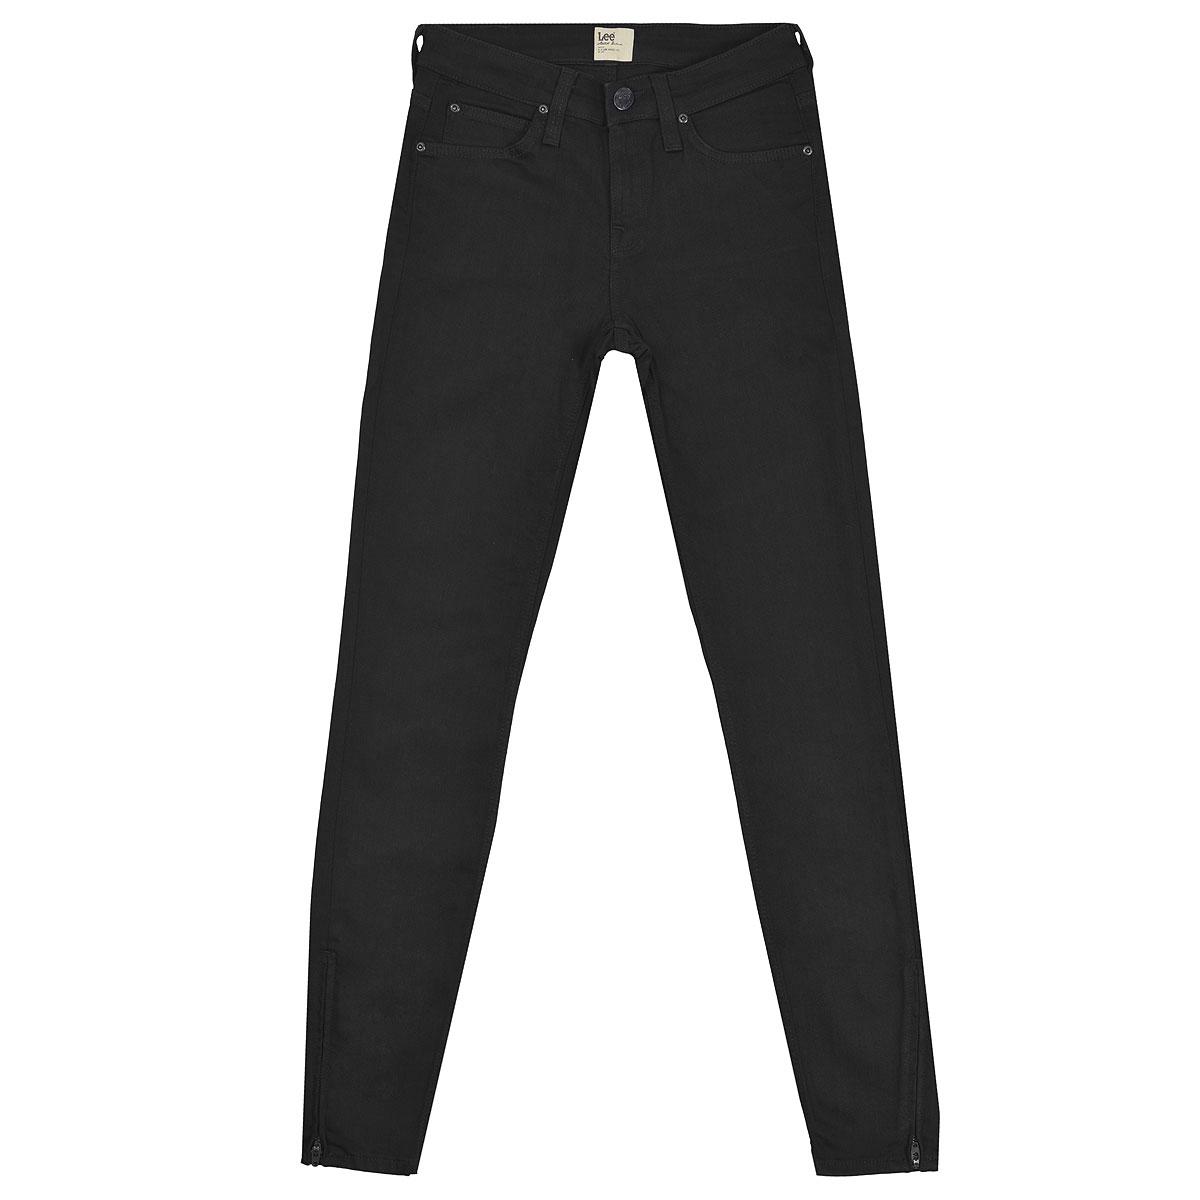 Джинсы женские Scarlett Zip. L30HL30HJY47Стильные женские джинсы Lee Scarlett Zip - джинсы высочайшего качества, которые прекрасно сидят. Джинсы Lee созданы специально для того, чтобы подчеркивать достоинства вашей фигуры. Узкая по ноге модель и зауженный к низу крой, джинсы средней посадки - отличный выбор для создания динамичного городского образа. Застегиваются джинсы на пуговицу и ширинку на застежке-молнии, имеются шлевки для ремня. Спереди модель оформлены двумя втачными карманами и одним небольшим секретным кармашком, а сзади - двумя накладными карманами. В нижней части брючины в боковом шве предусмотрены втачные молнии. Эти модные и в тоже время комфортные джинсы послужат отличным дополнением к вашему гардеробу. В них вы всегда будете чувствовать себя уютно и комфортно.